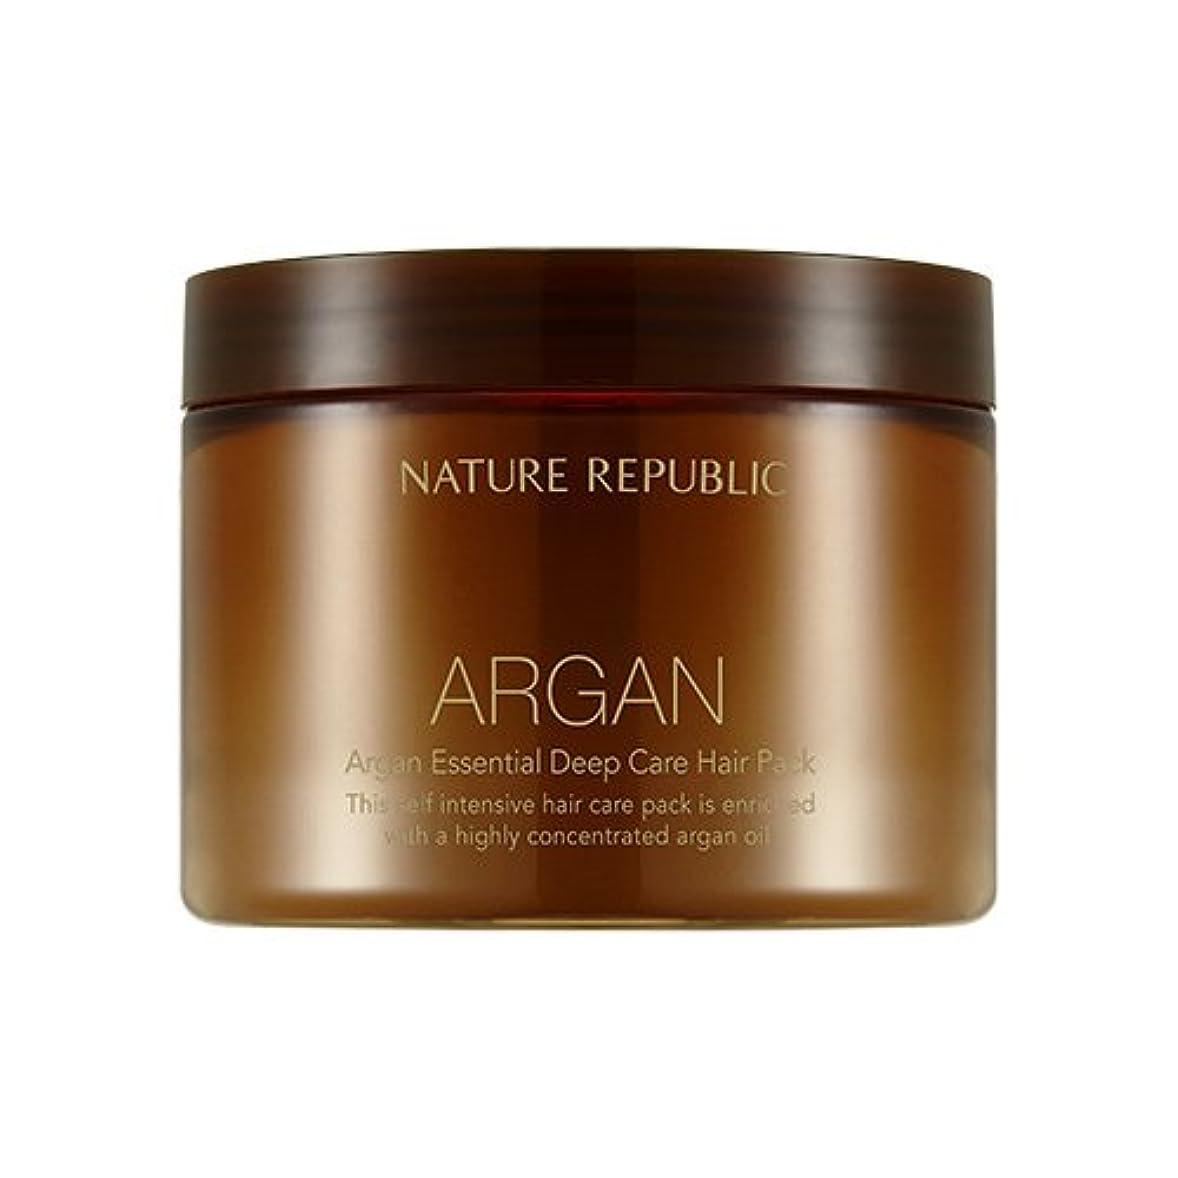 抑止する鼓舞する呼ぶNATURE REPUBLIC Argan Essential Deep Care Hair Pack 470ml ネイチャーリパブリック アルガンエッセンシャルディープケアヘアパック 470ml [並行輸入品]